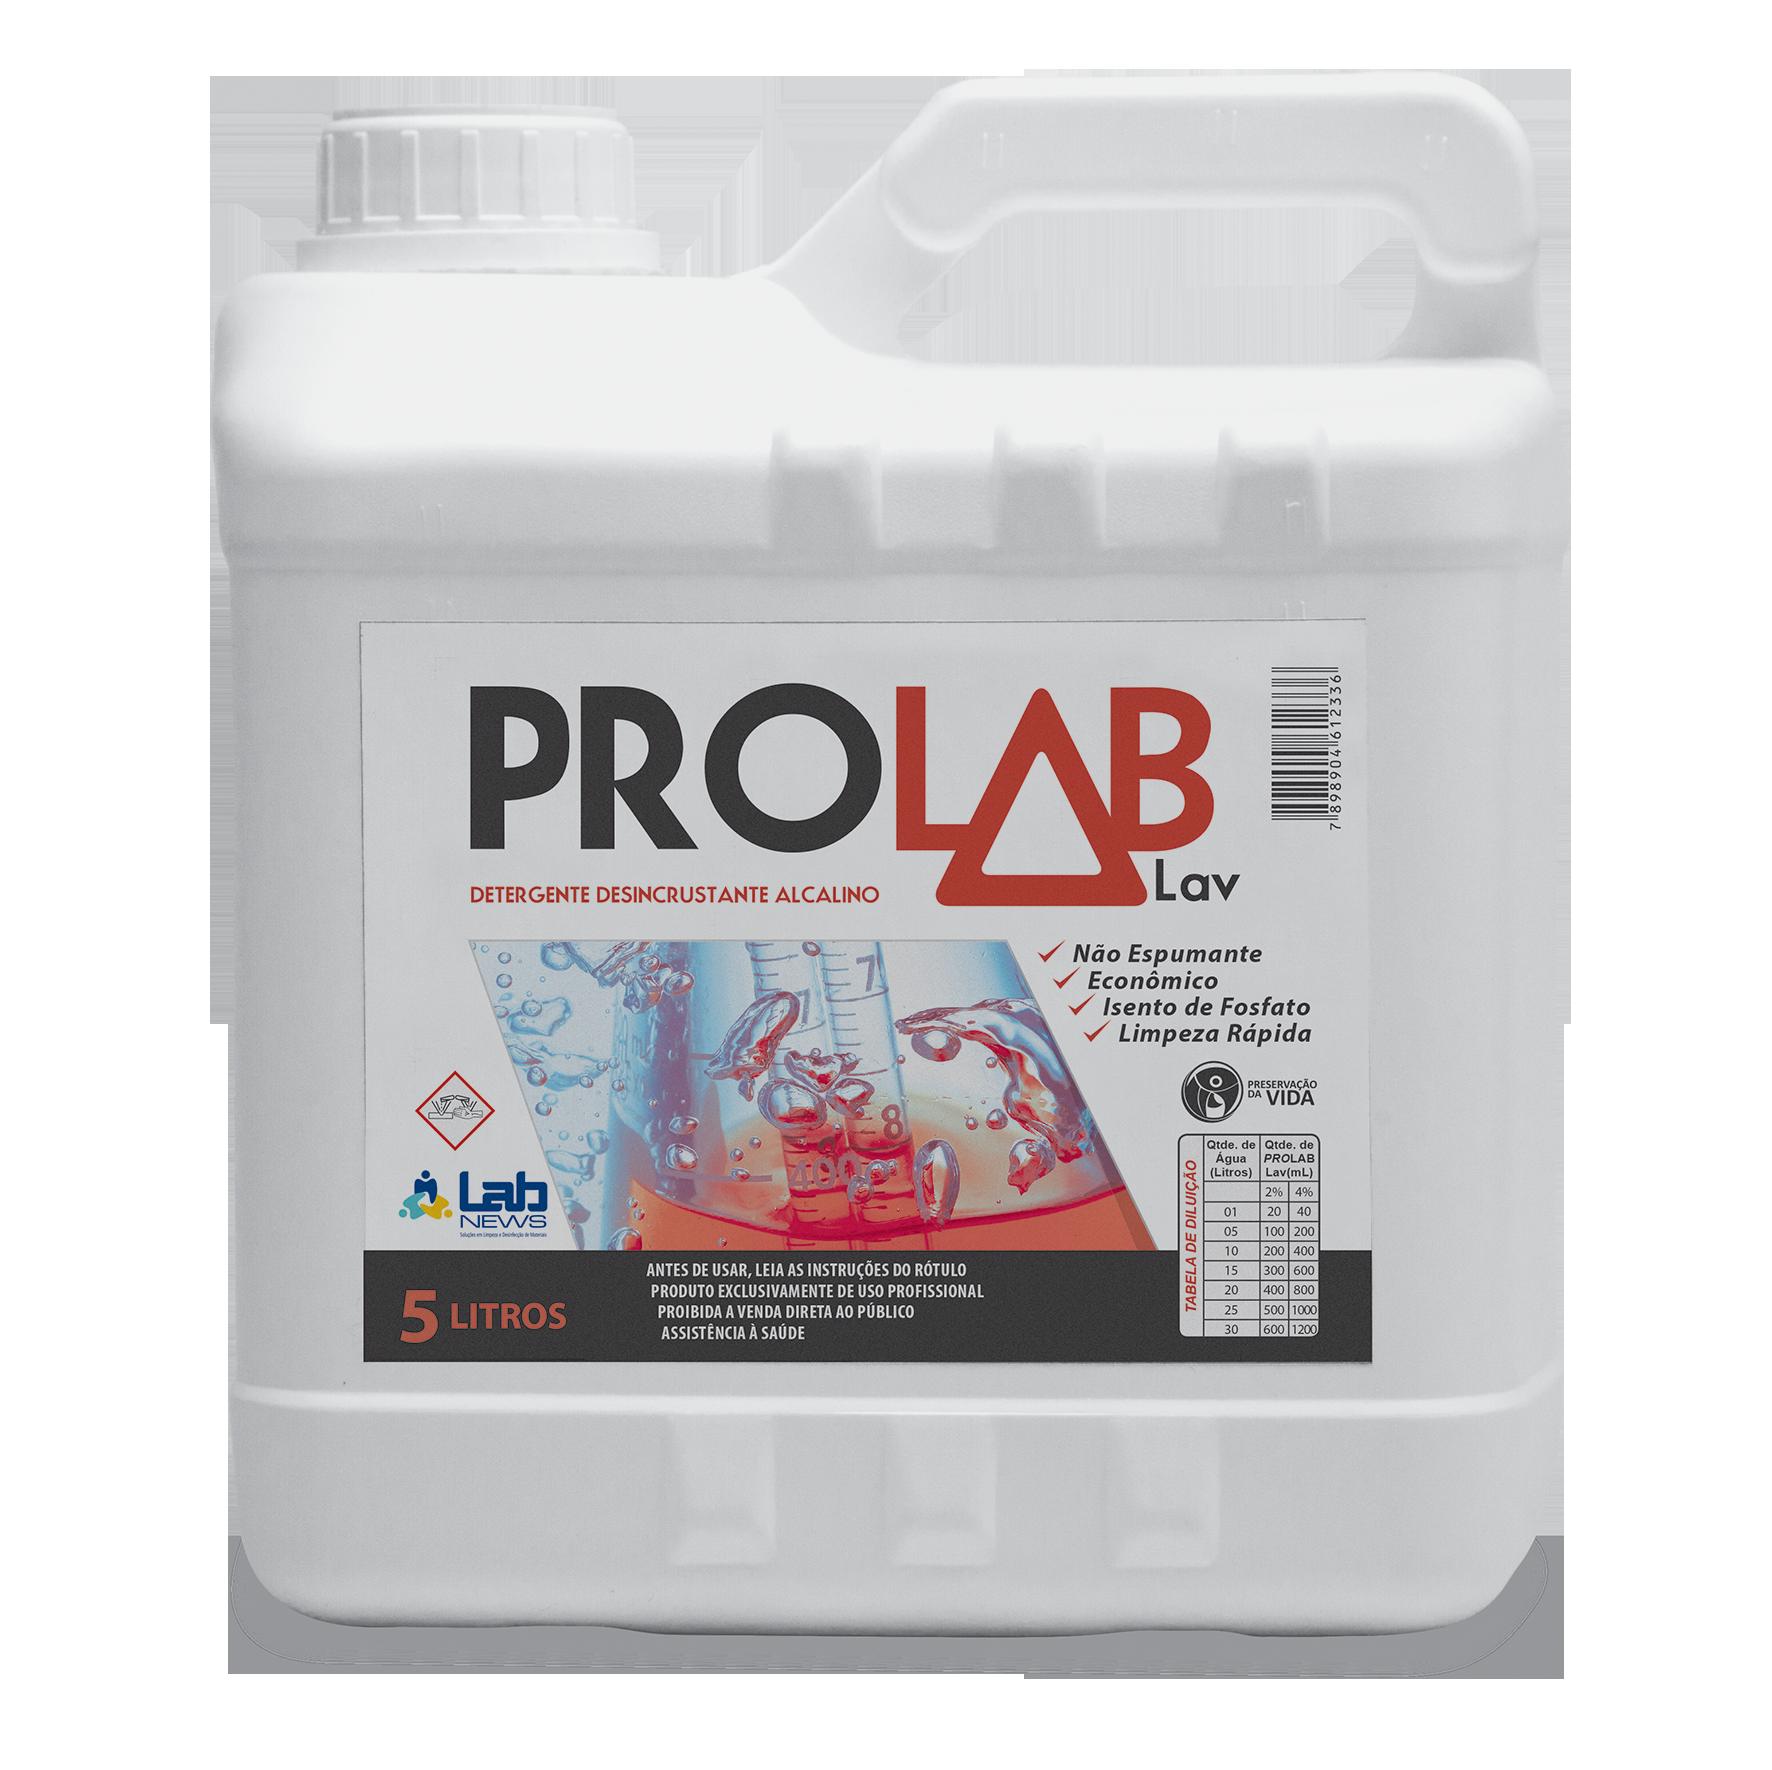 Prolab Lav -5 Litros